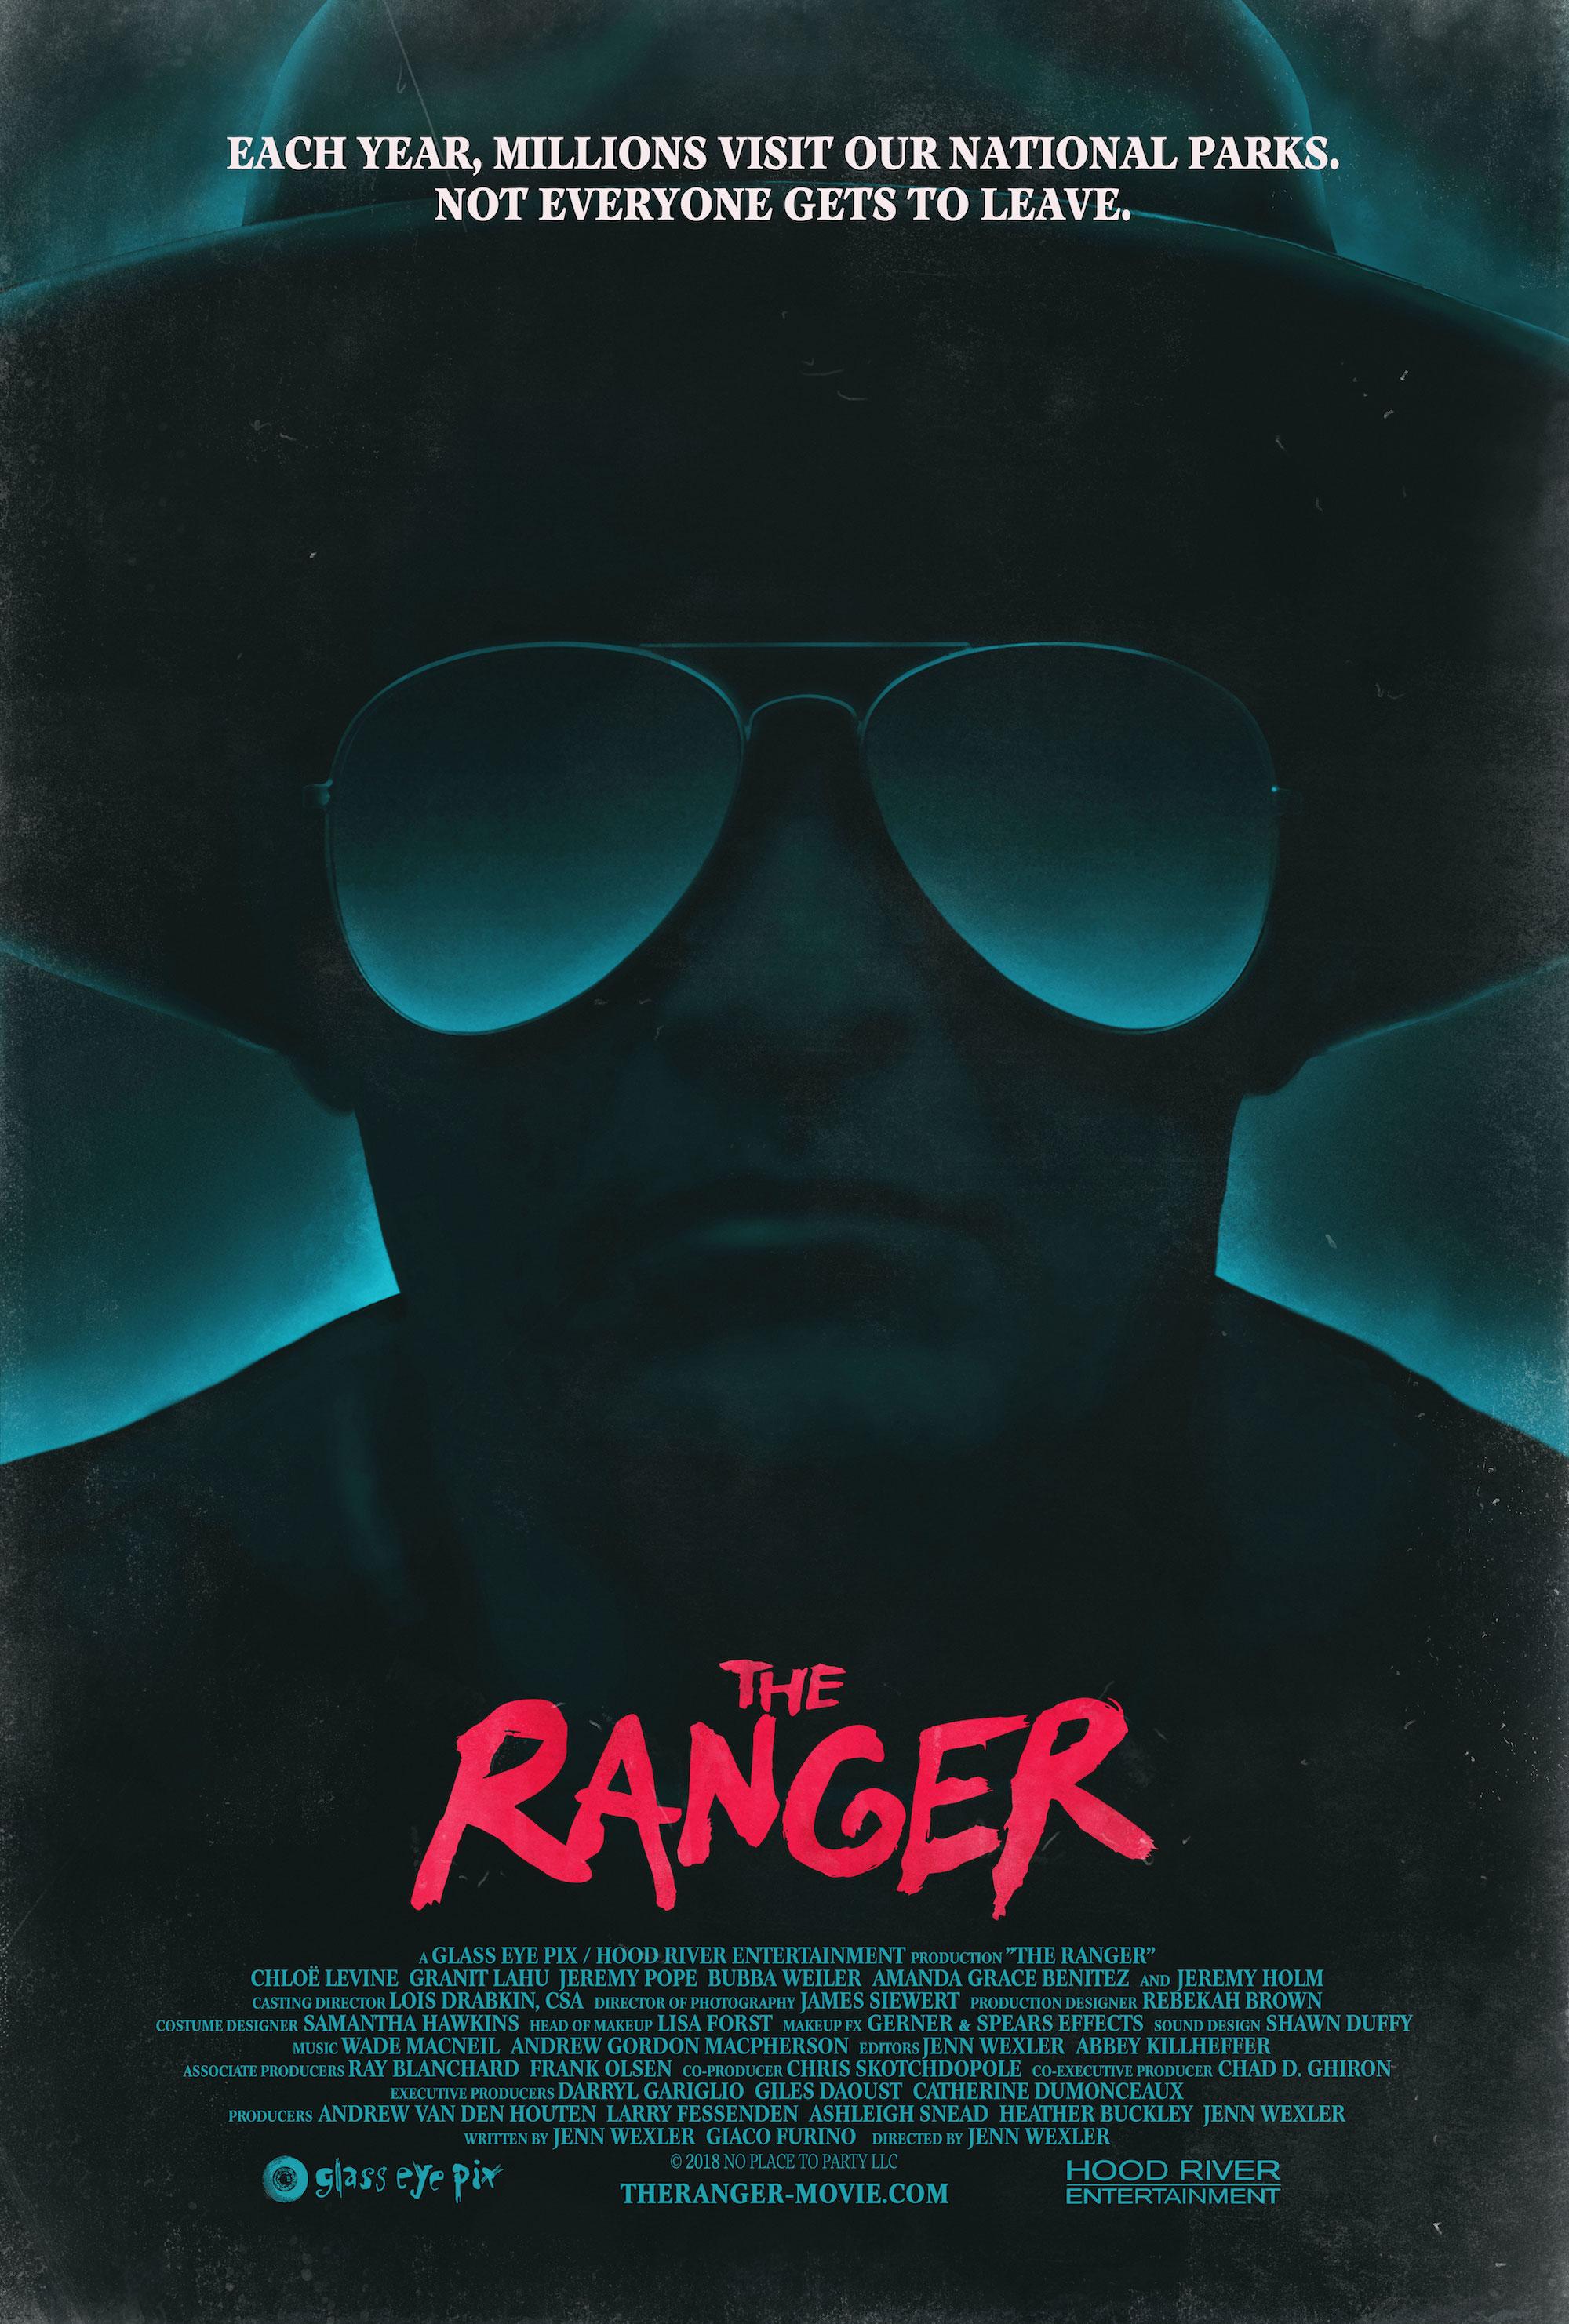 Poster for The Ranger